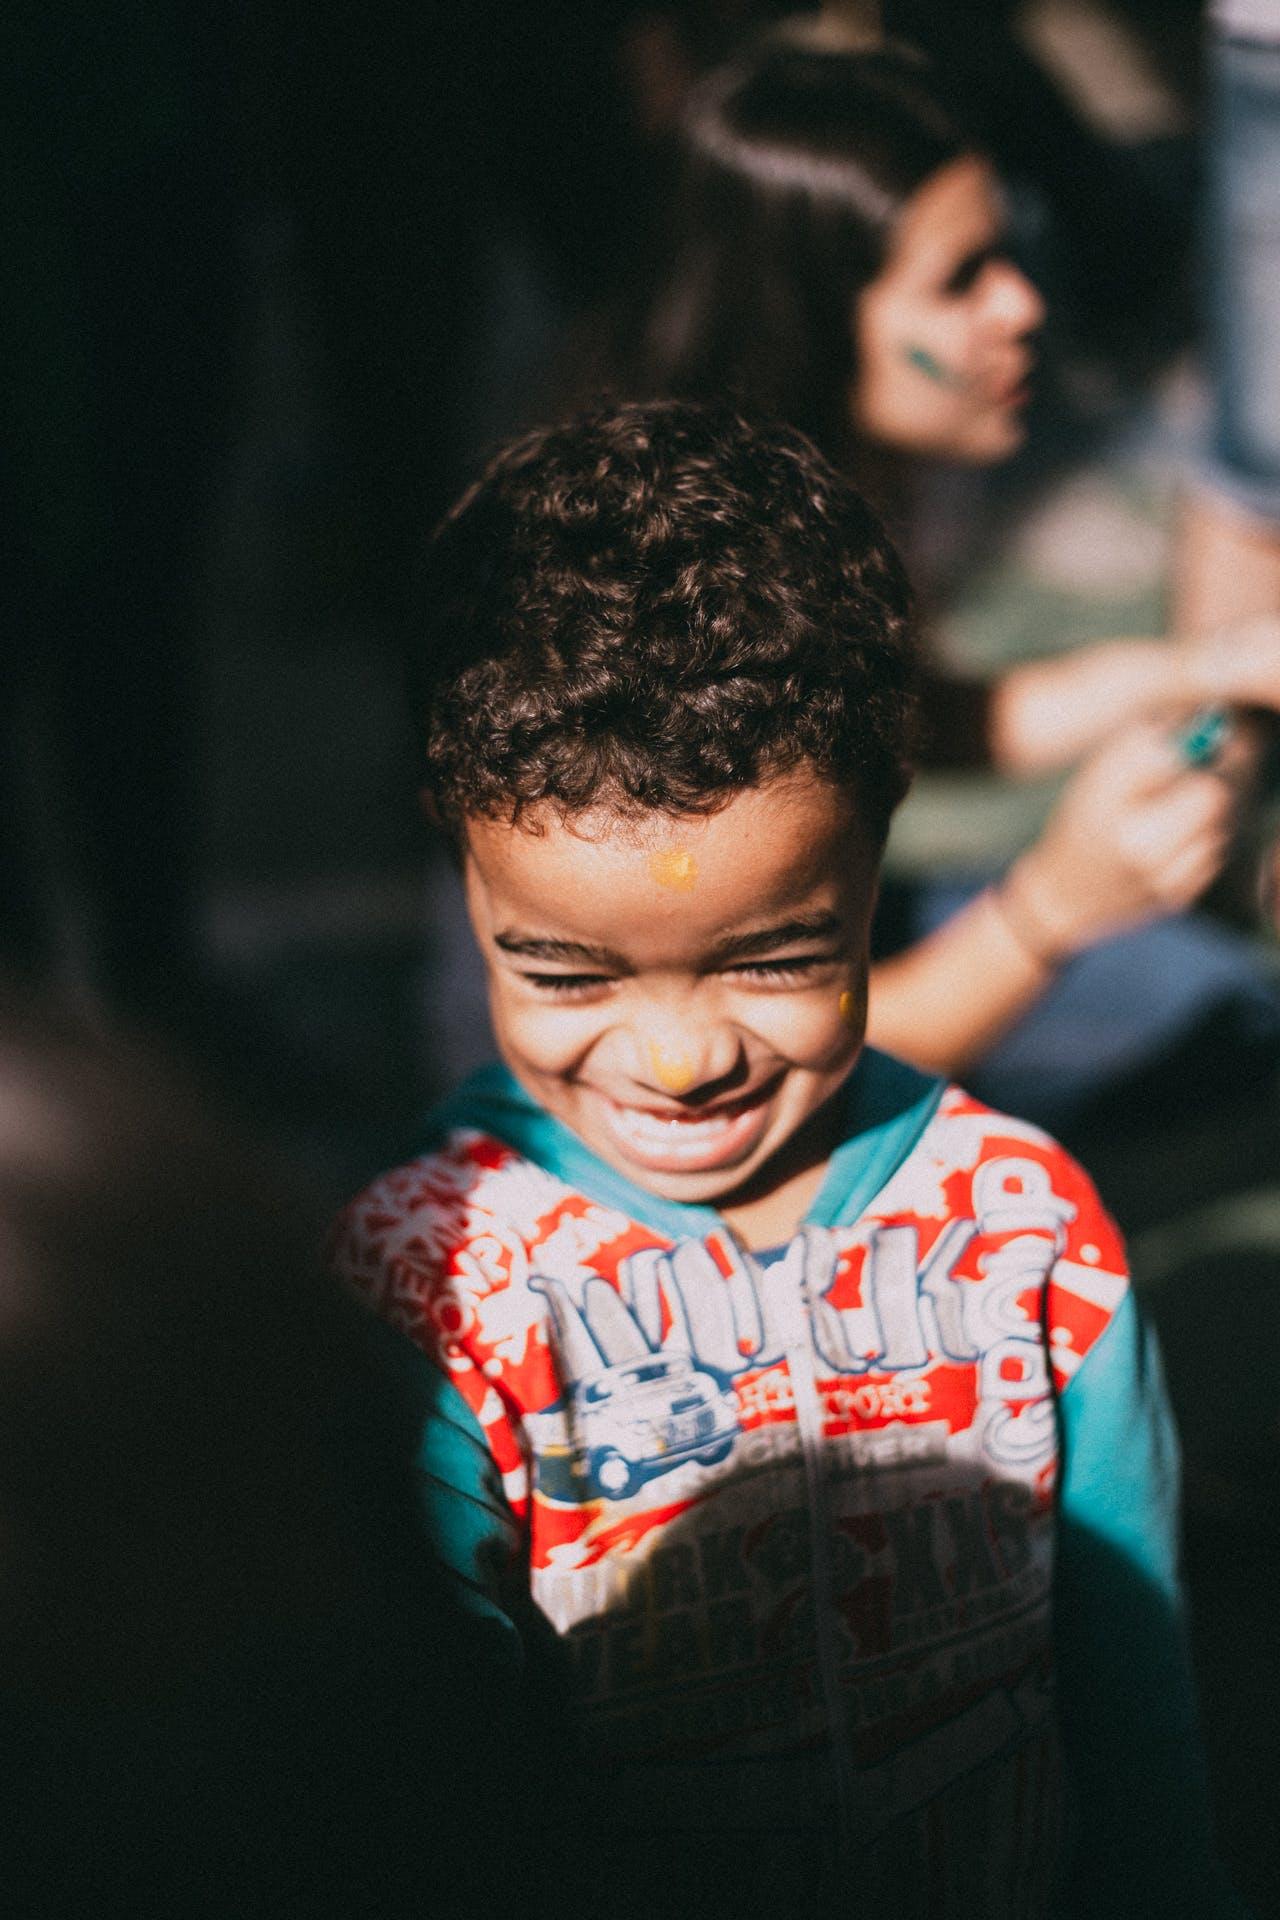 兒童, 女人, 女孩, 小 的 免费素材照片